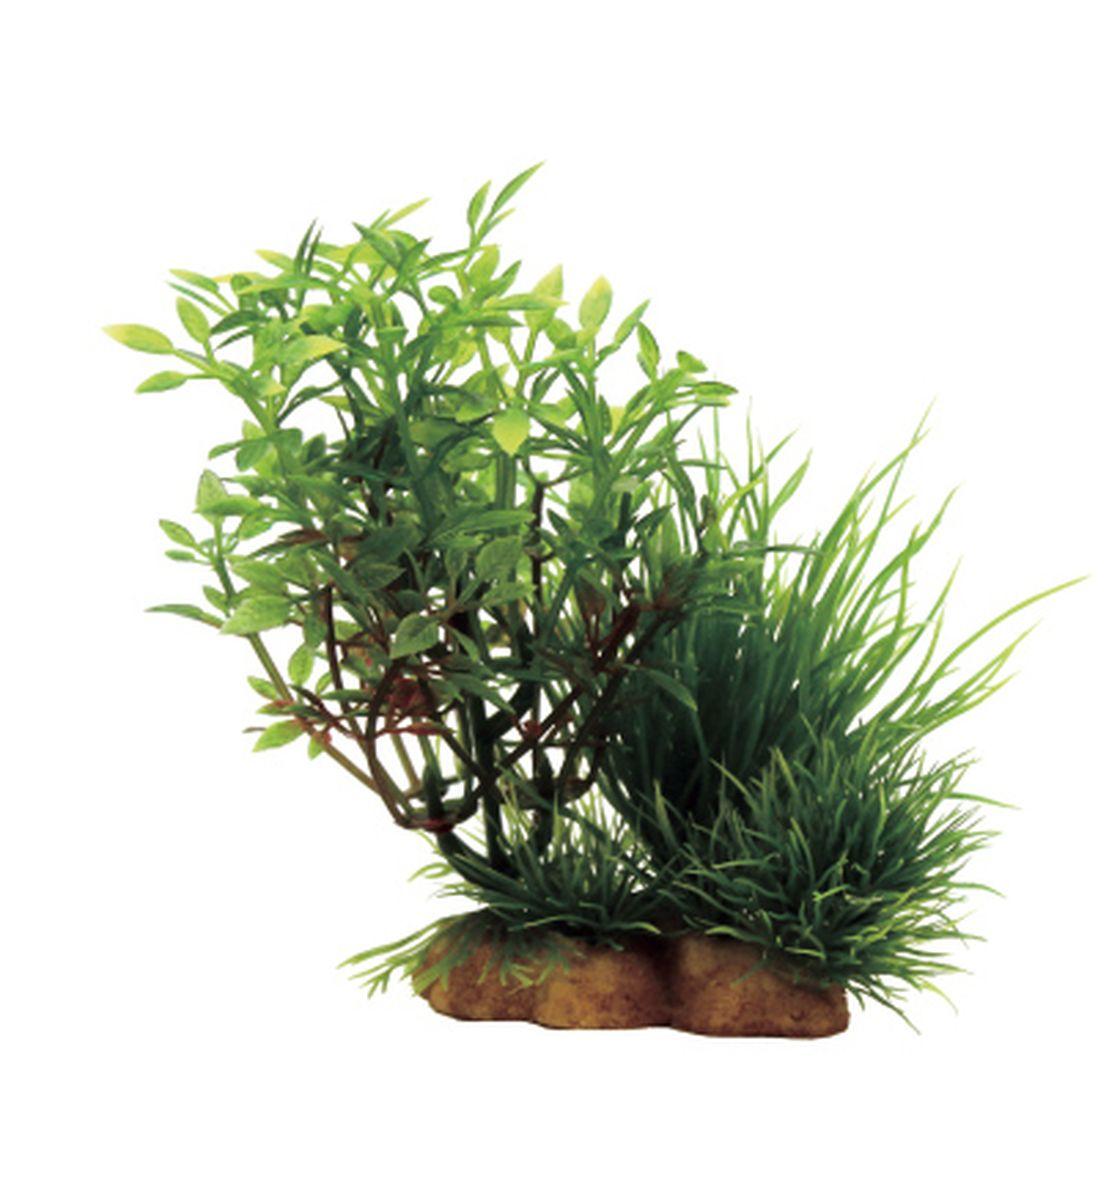 Композиция из растений для аквариума ArtUniq Микрантемум, 12 x 5 x 12 смART-1130907Композиция из искусственных растений ArtUniq превосходно украсит и оживит аквариум.Растения - это важная часть любой композиции, они помогут вдохнуть жизнь в ландшафт любого аквариума или террариума. Композиция является точной копией природного растения.